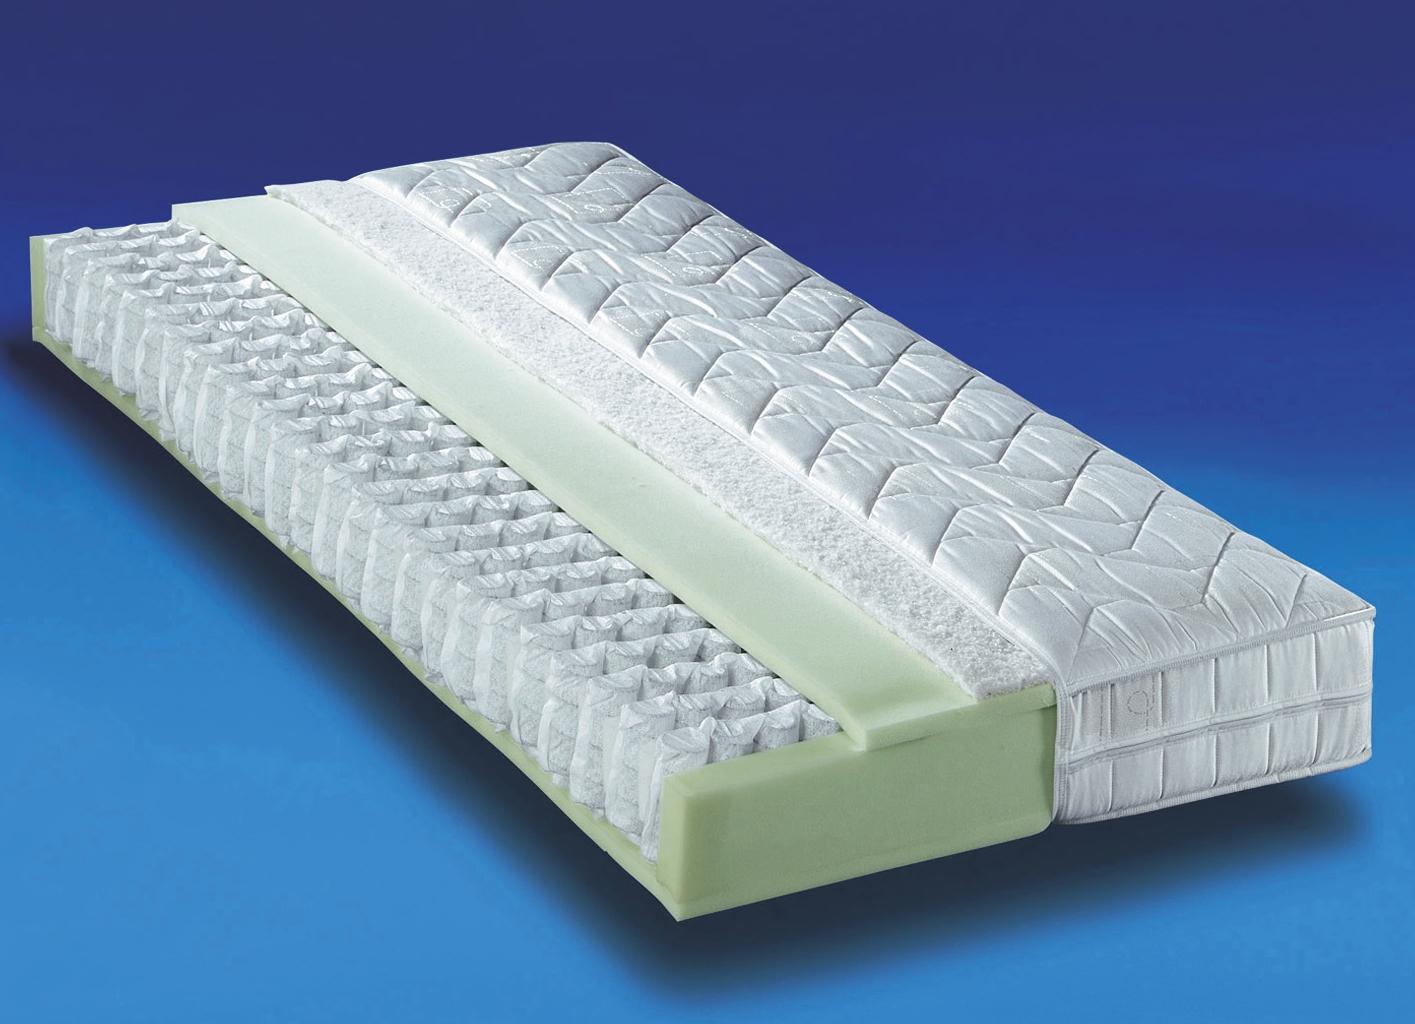 breckle federkern matratze in verschiedenen ausf hrungen matratzen bettrahmen bader. Black Bedroom Furniture Sets. Home Design Ideas